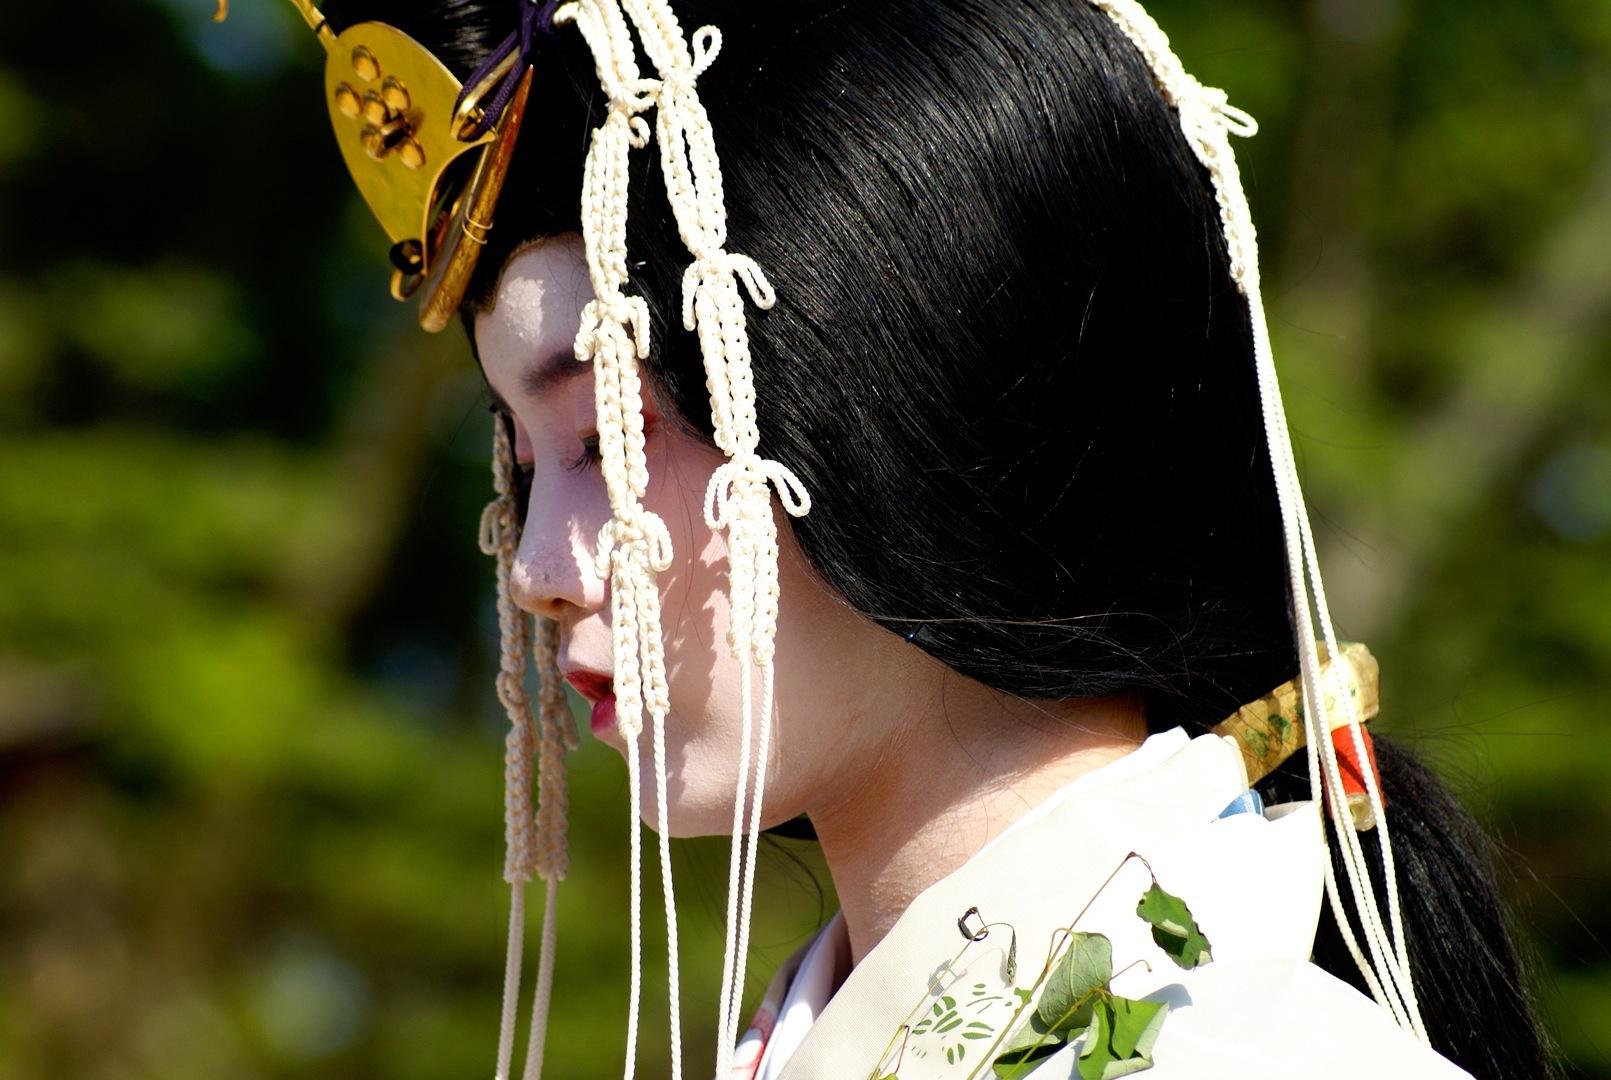 Saio at the Aoi Matsuri Festival